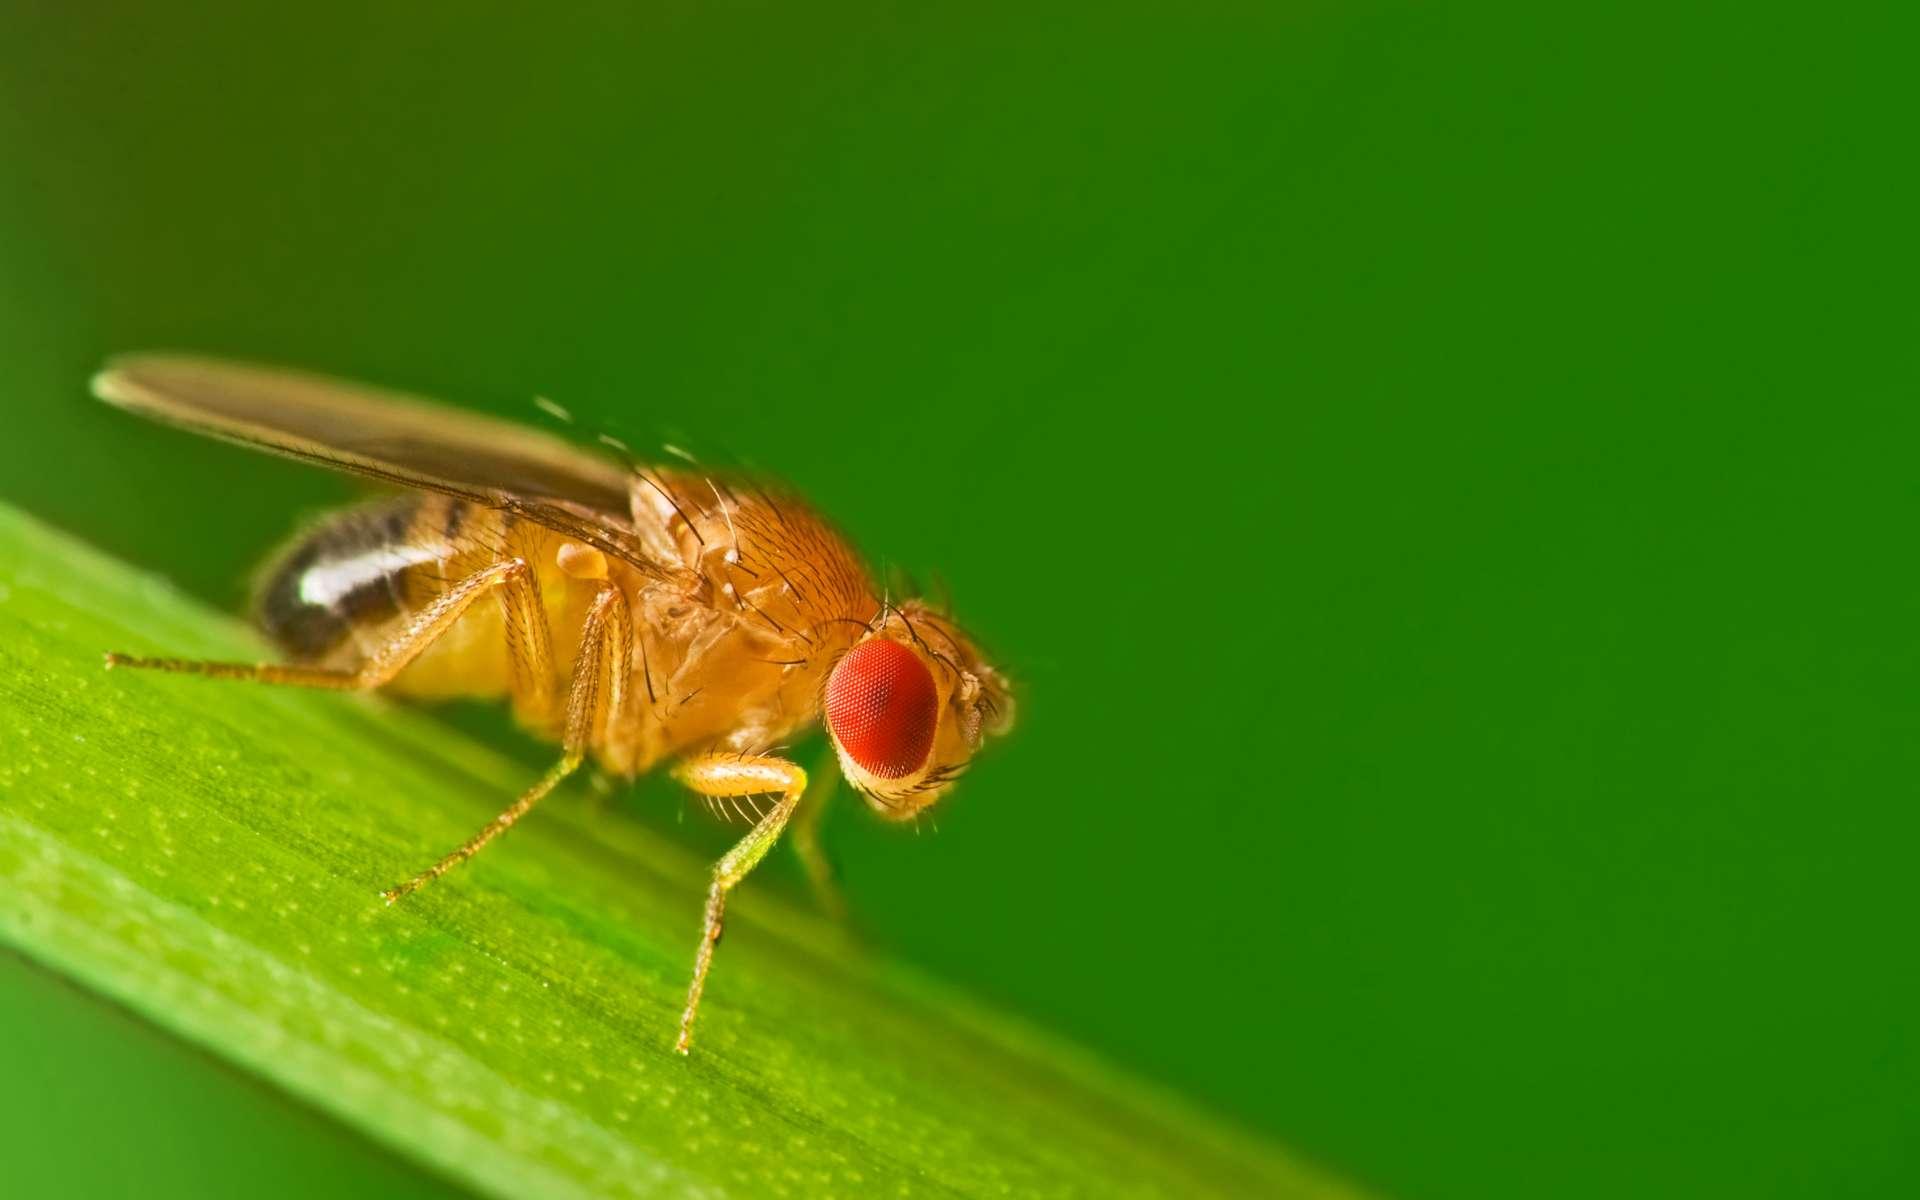 Drosophila melanogaster, autrement nommée « mouche du vinaigre », est la mouche la plus courante dans les laboratoires. © Studiotouch, Adobe Stock